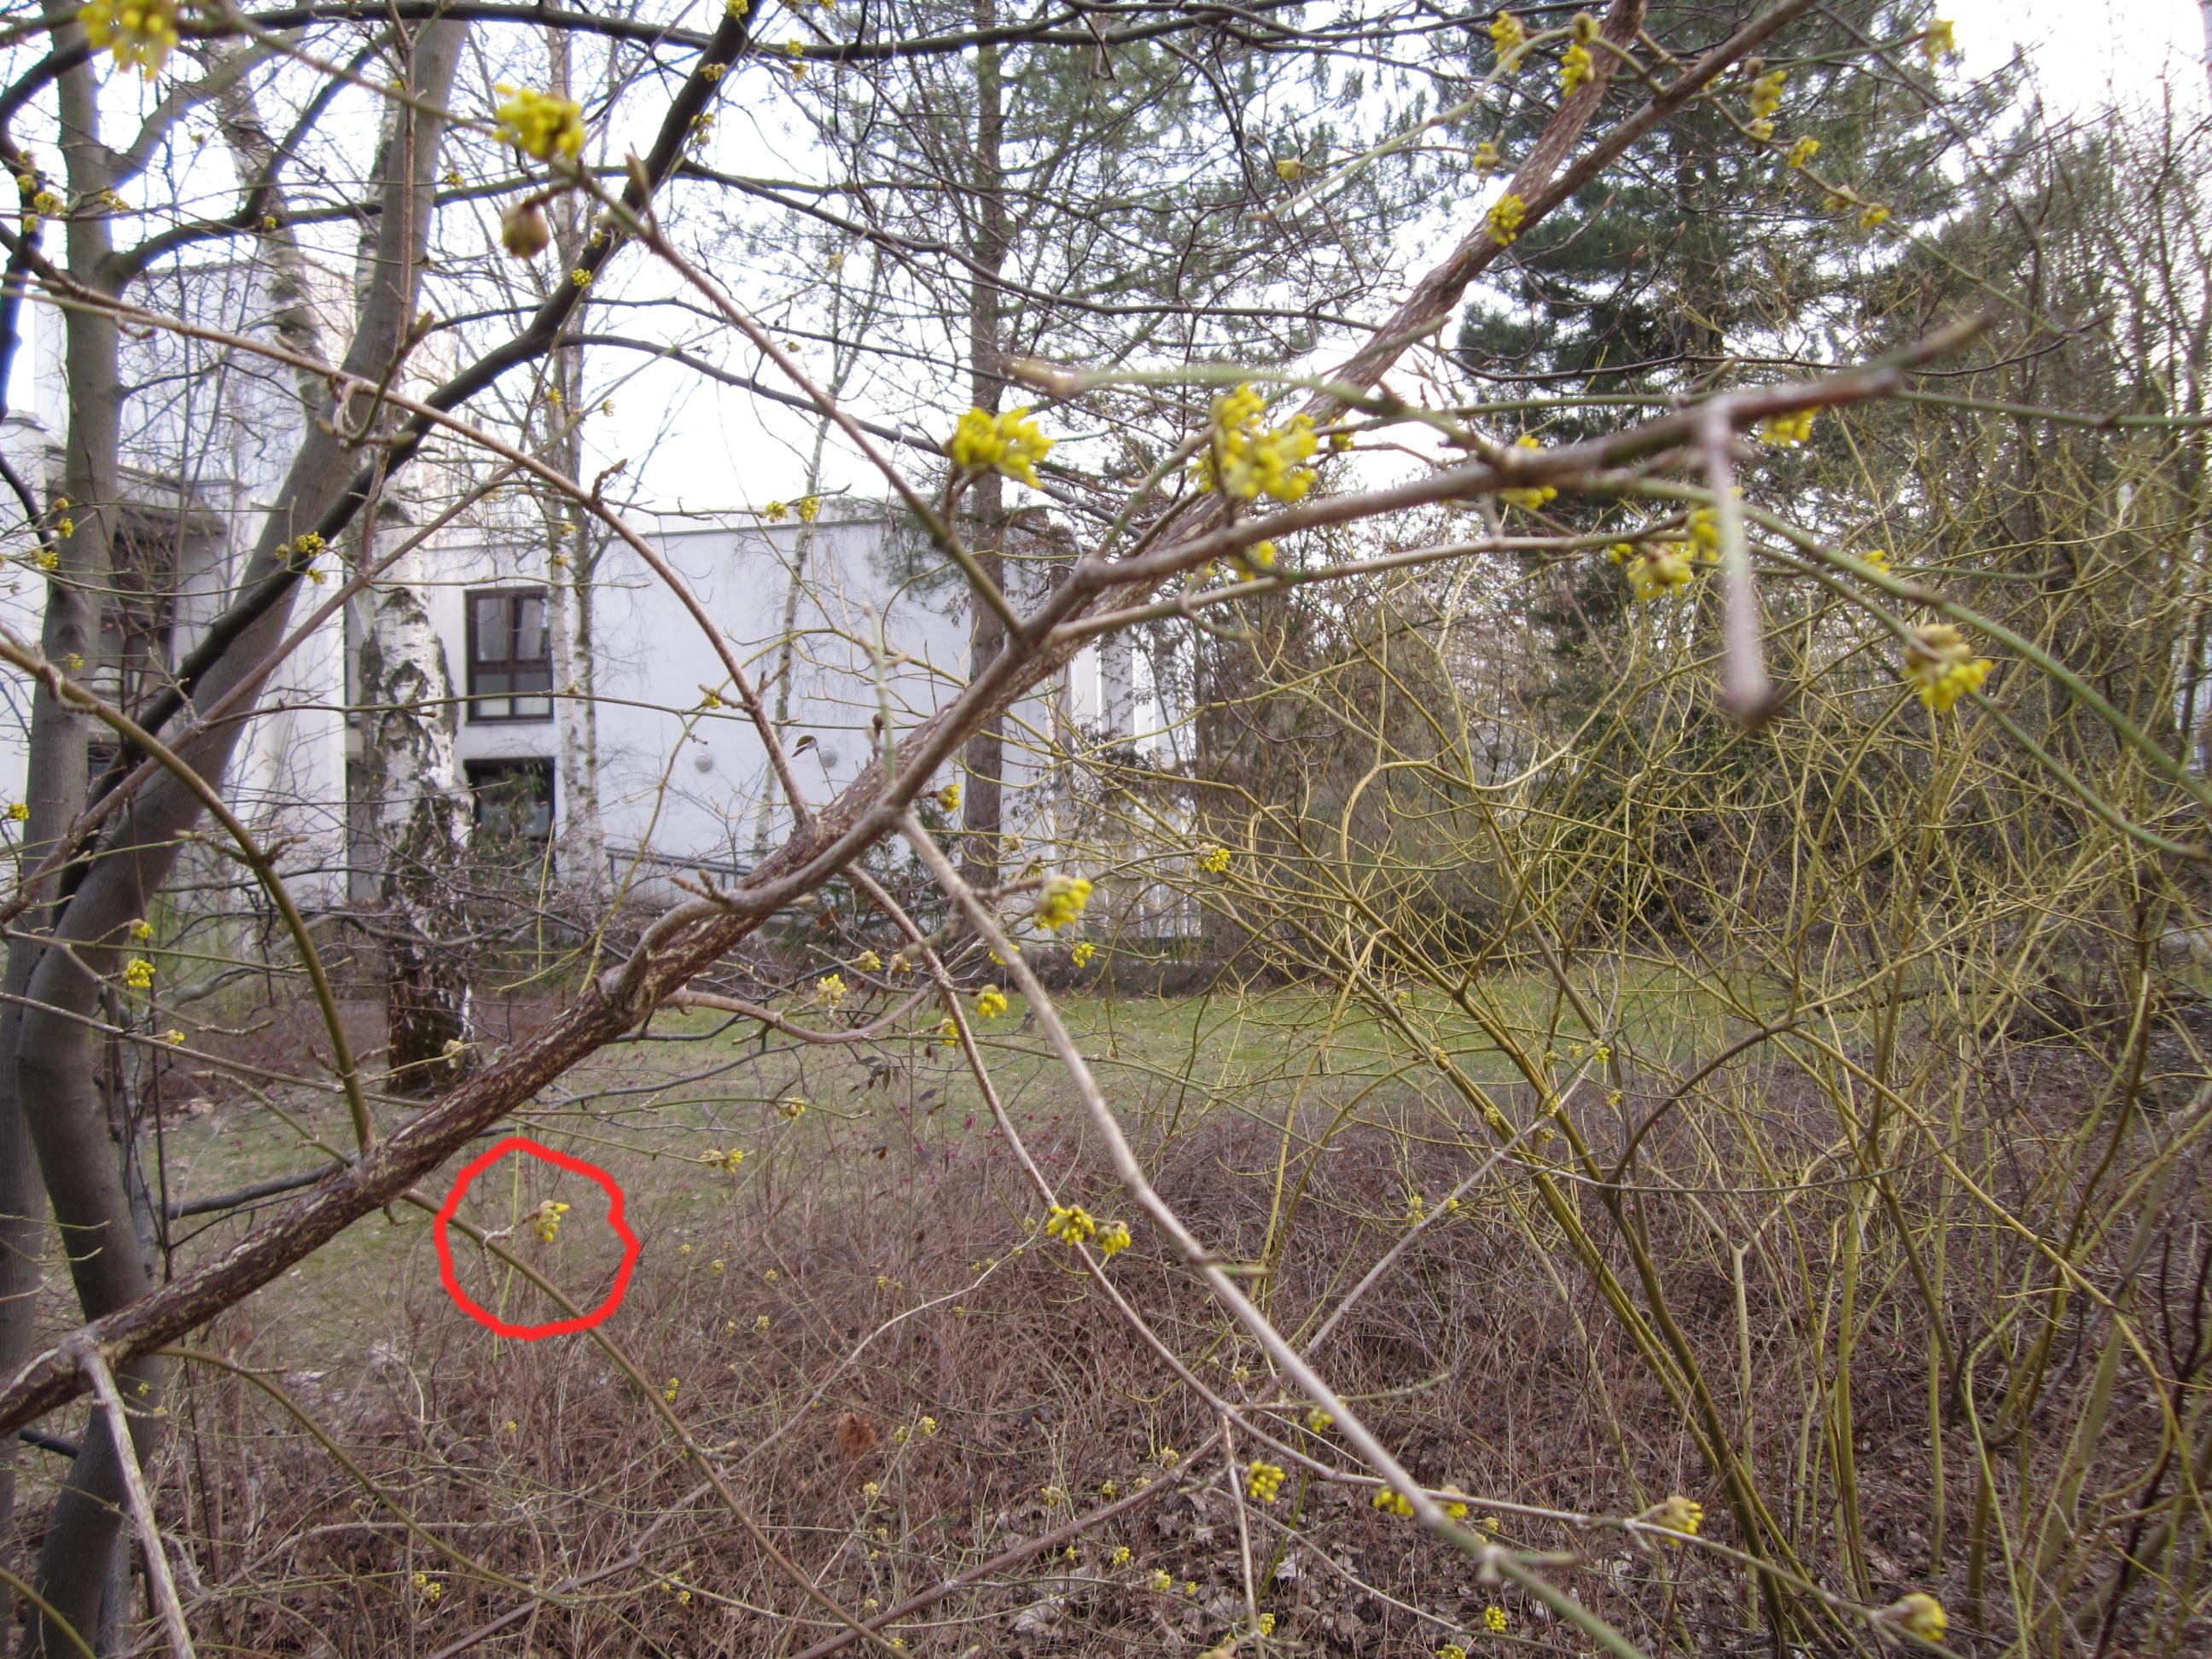 strauch mit gelben bl ten foto von susanne haun. Black Bedroom Furniture Sets. Home Design Ideas